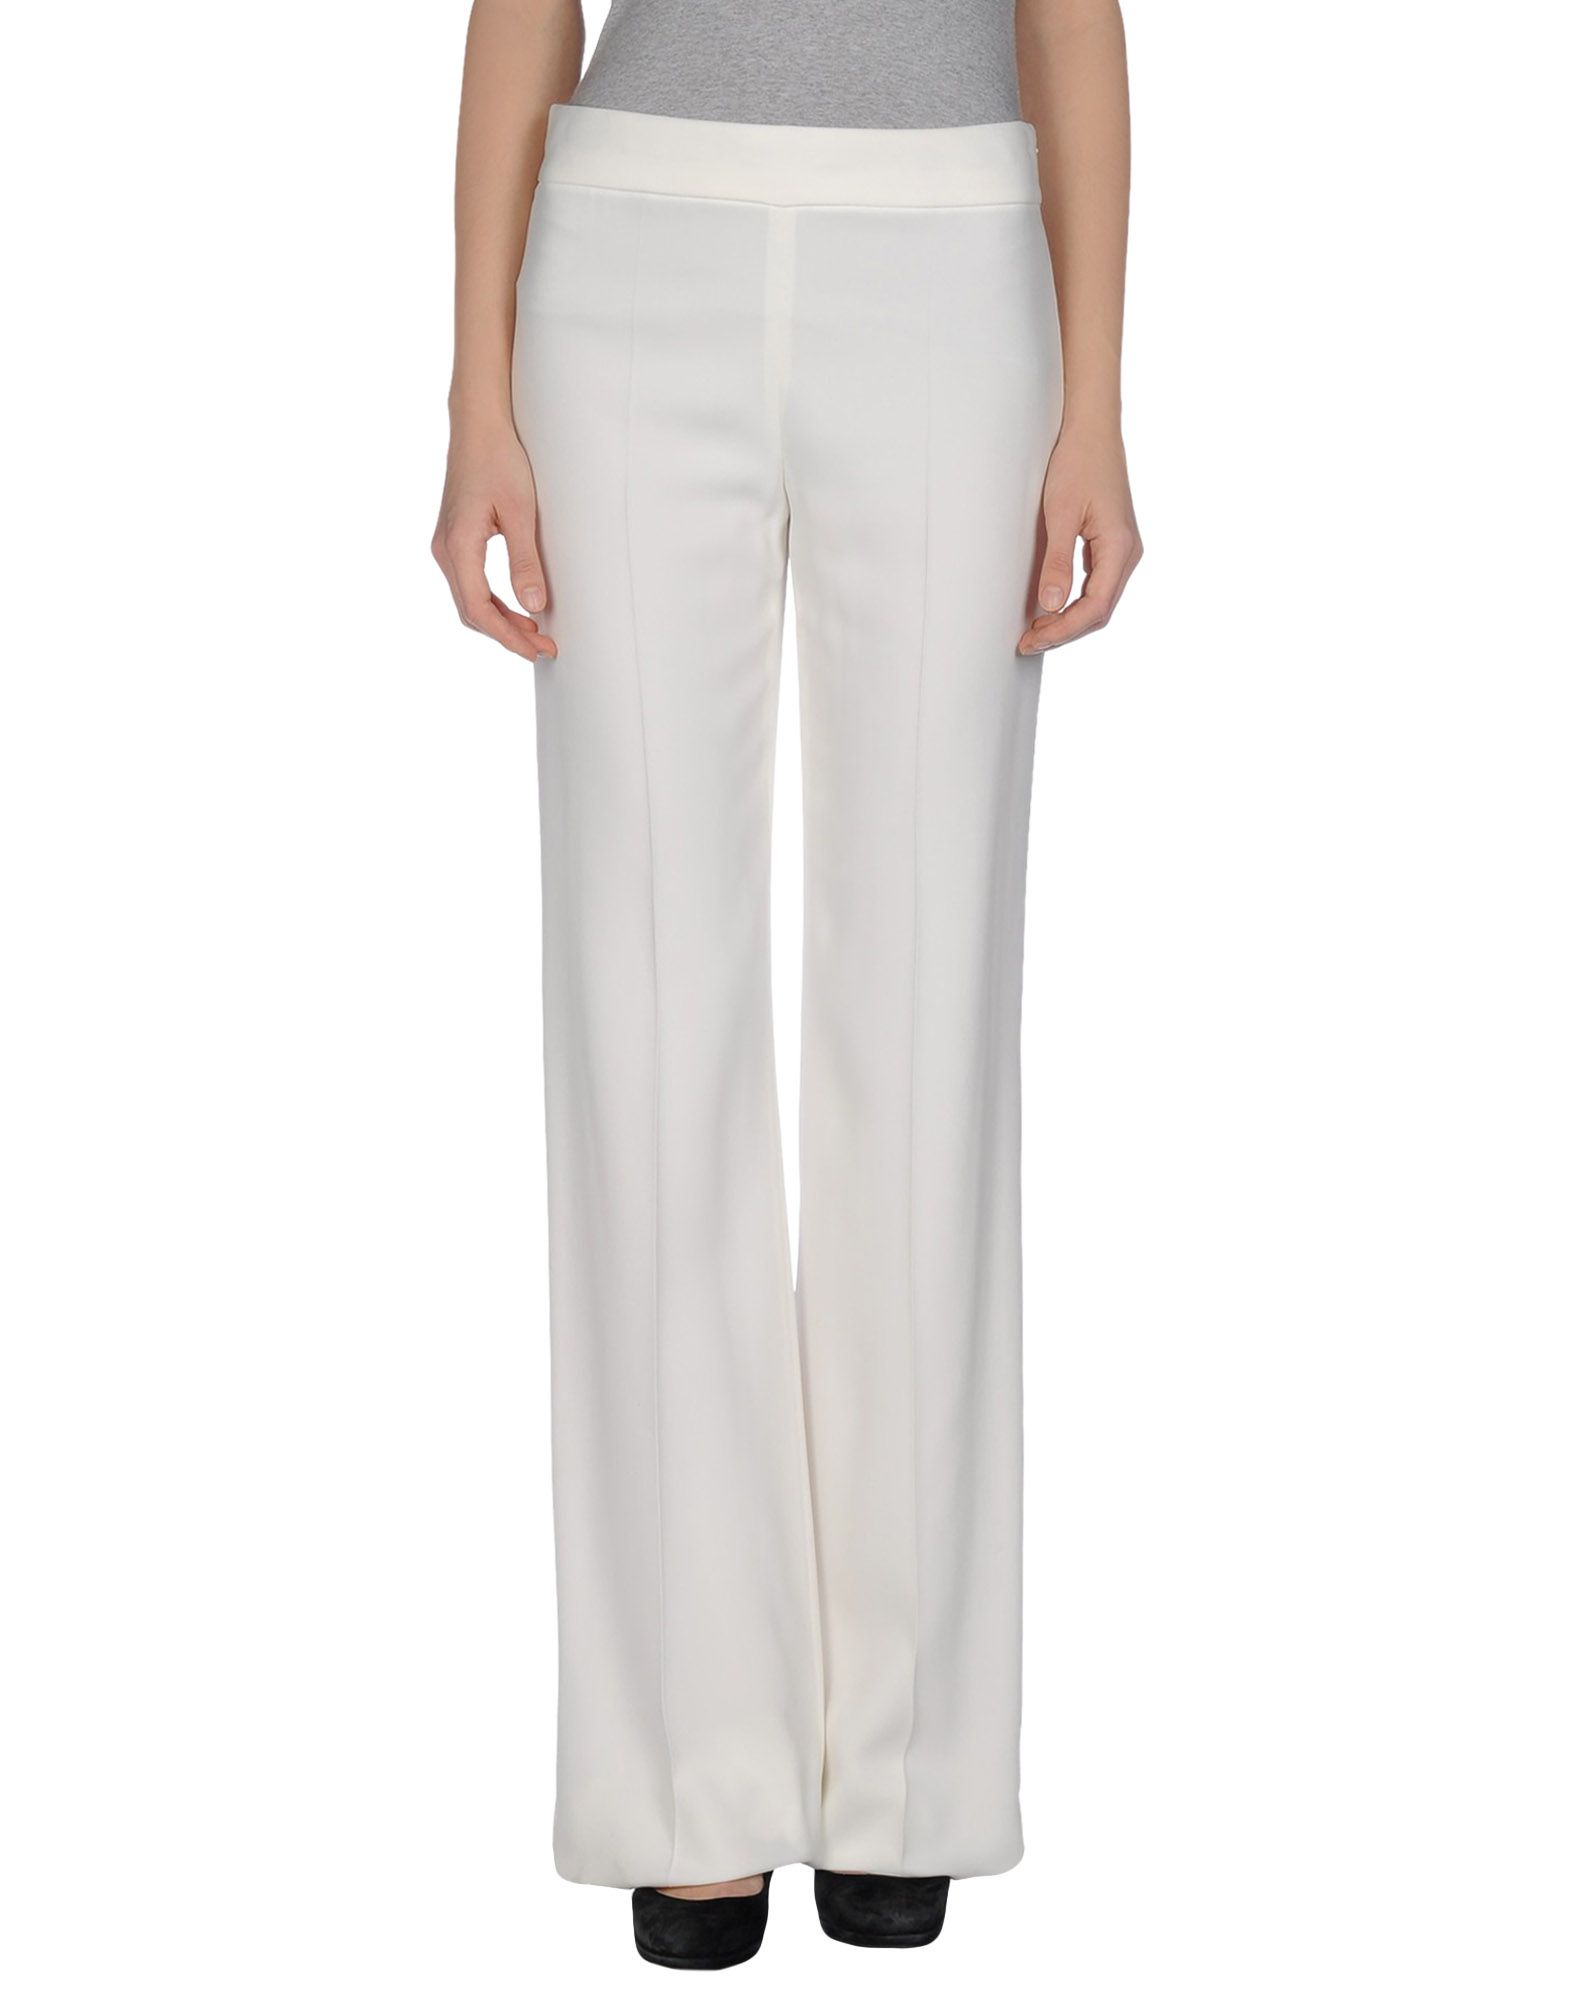 Calvin klein trousers white